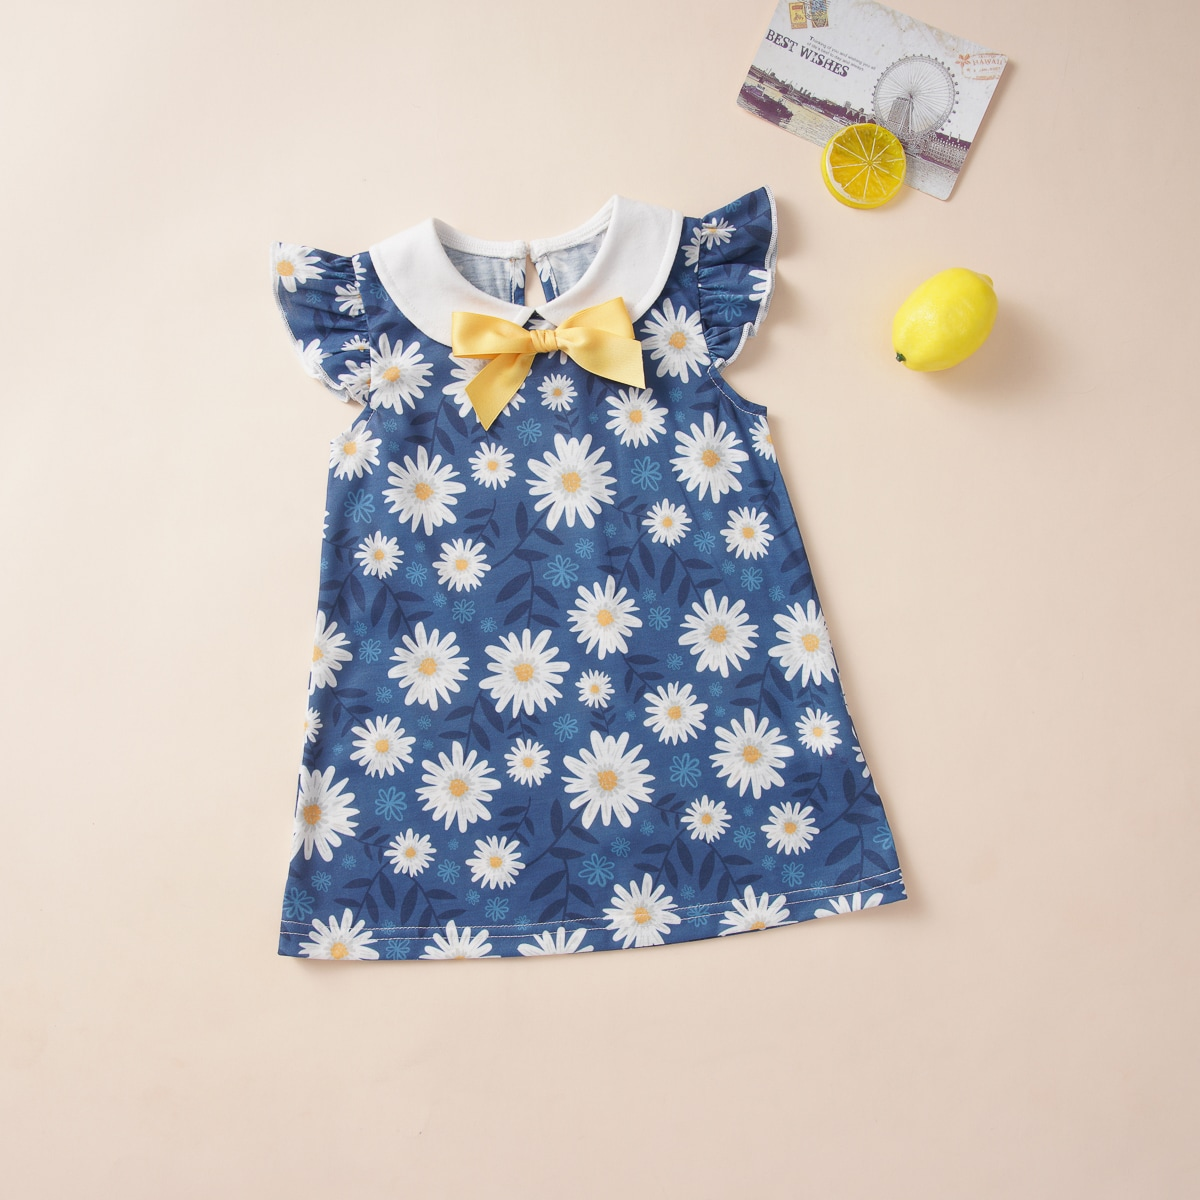 Платье с бантом, цветочным принтом и воротником питером пэном для девочек от SHEIN